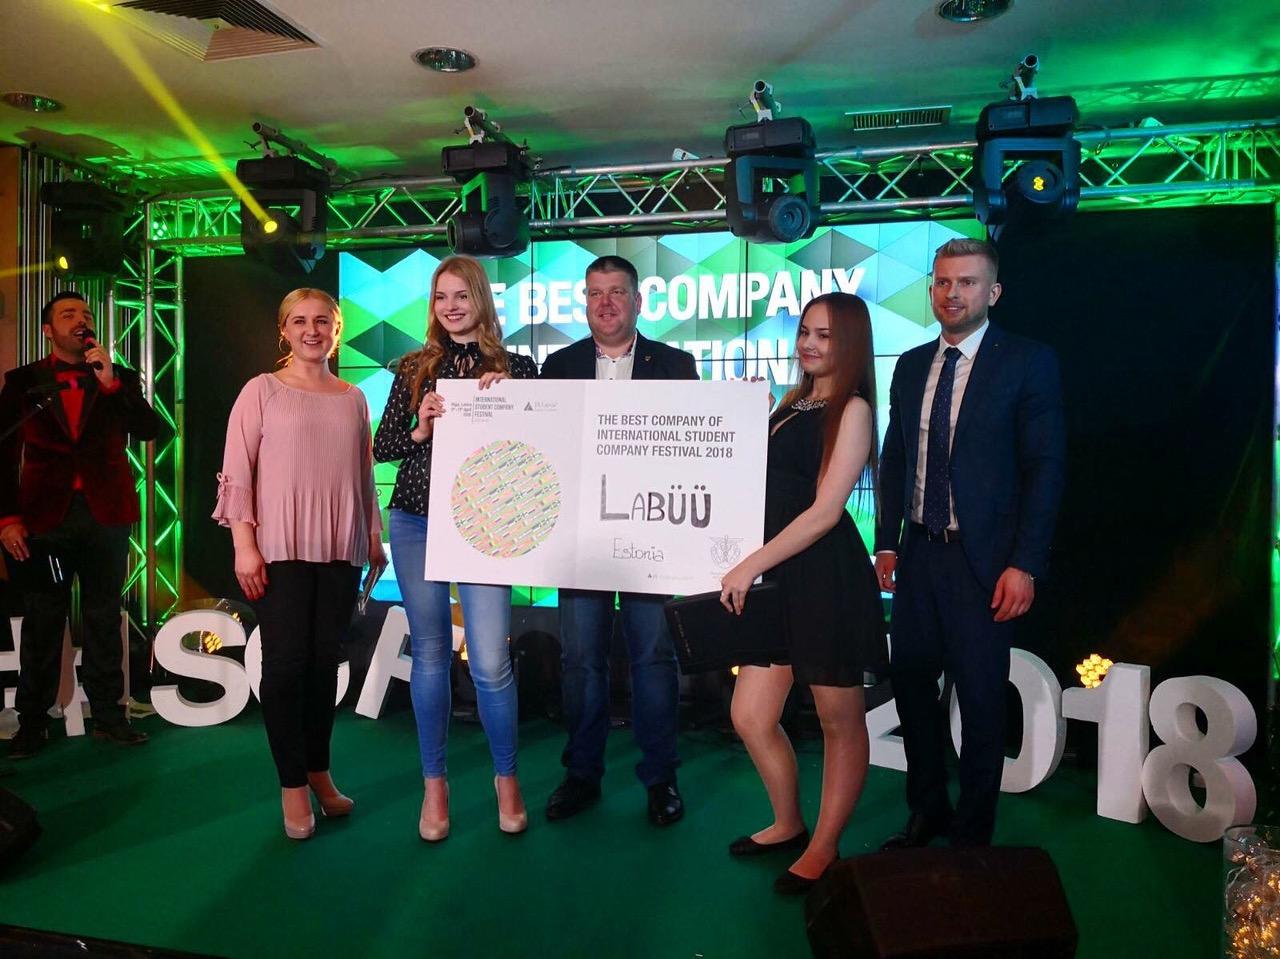 TUNNUSTUS! Eesti õpilasfirma pälvis rahvusvahelise õpilasfirmade festivali kõrgeima auhinna